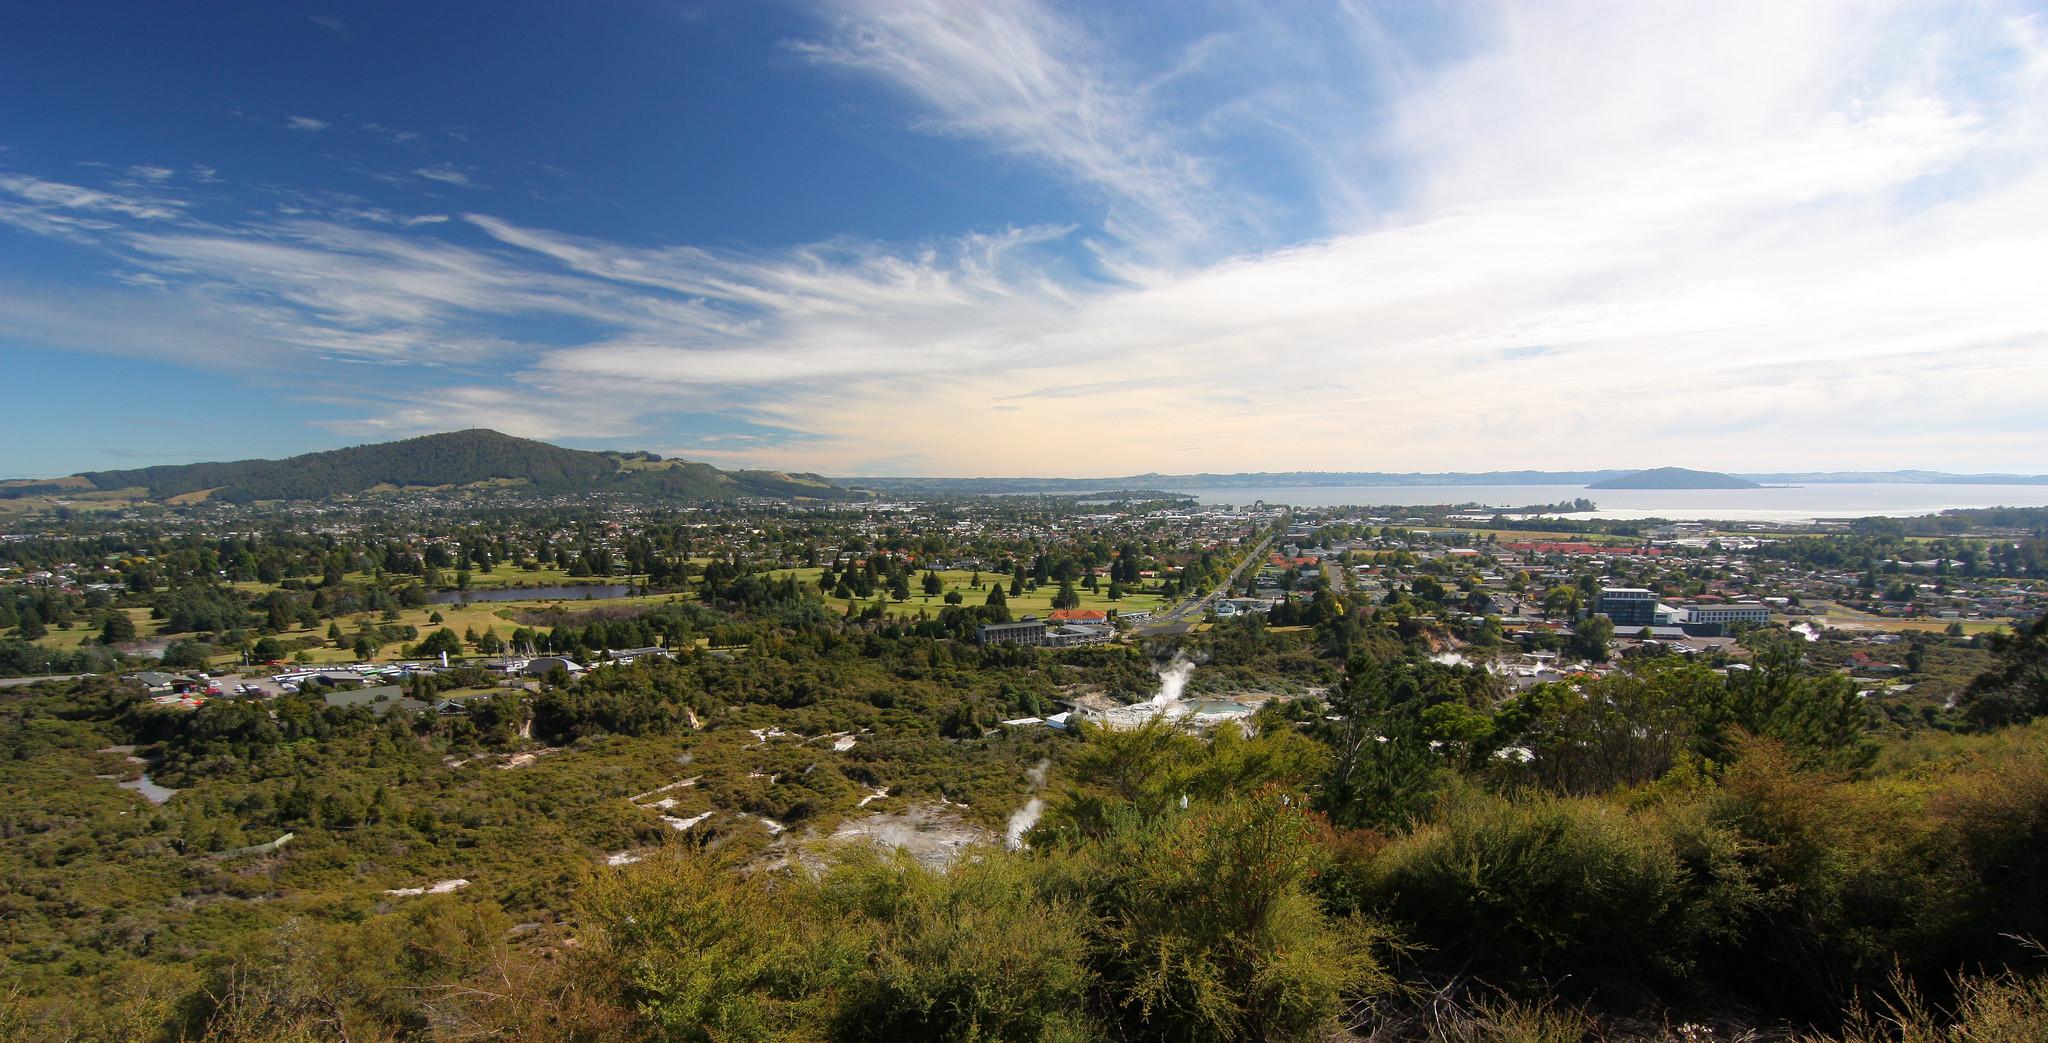 Rotorua view. Photo by Ang Wickham